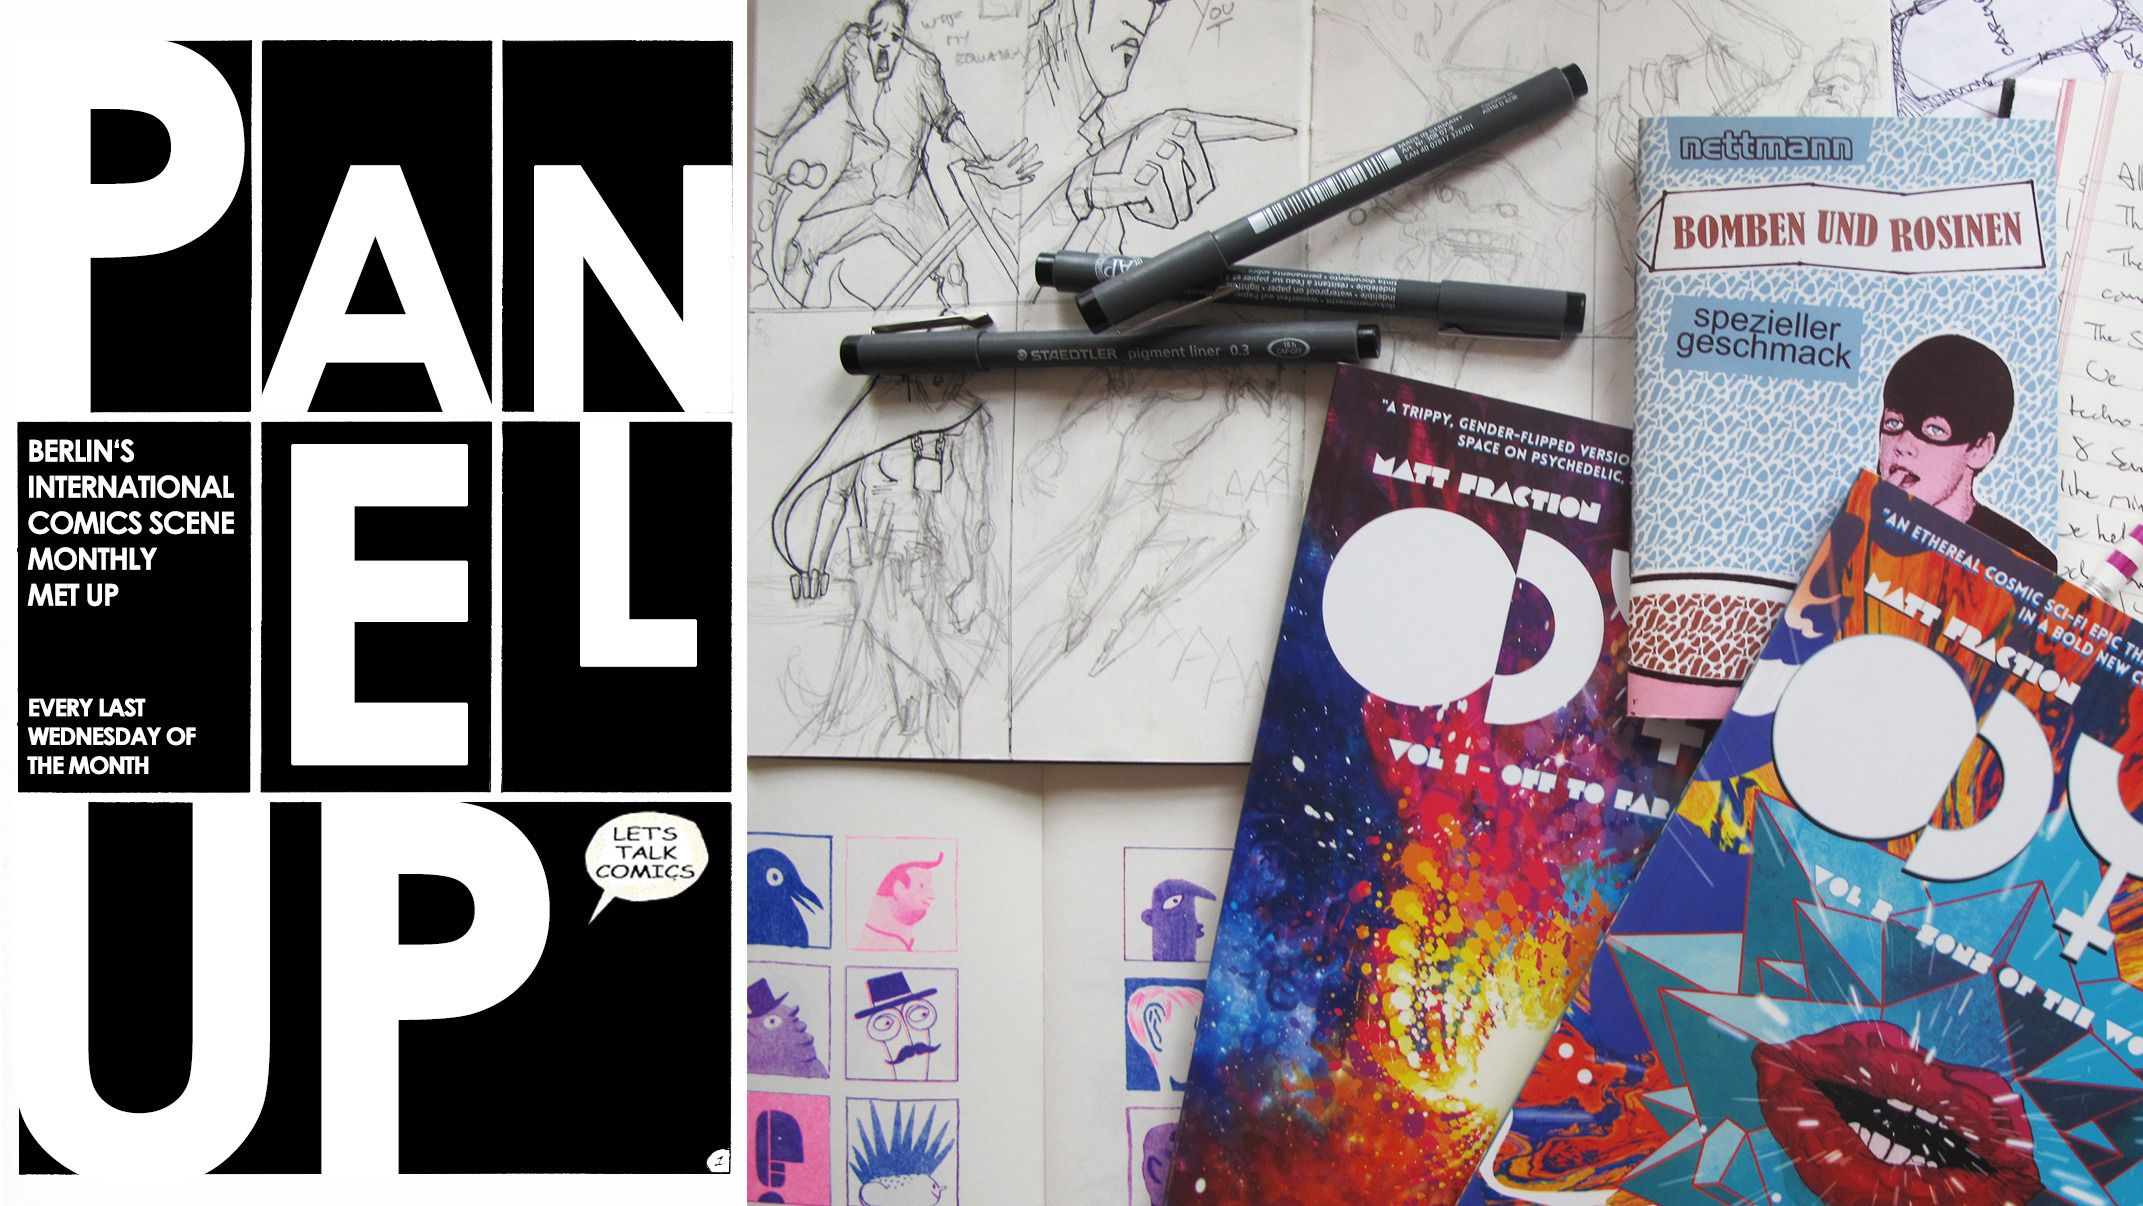 Panel Up - Berlin's International Comics Meet Up